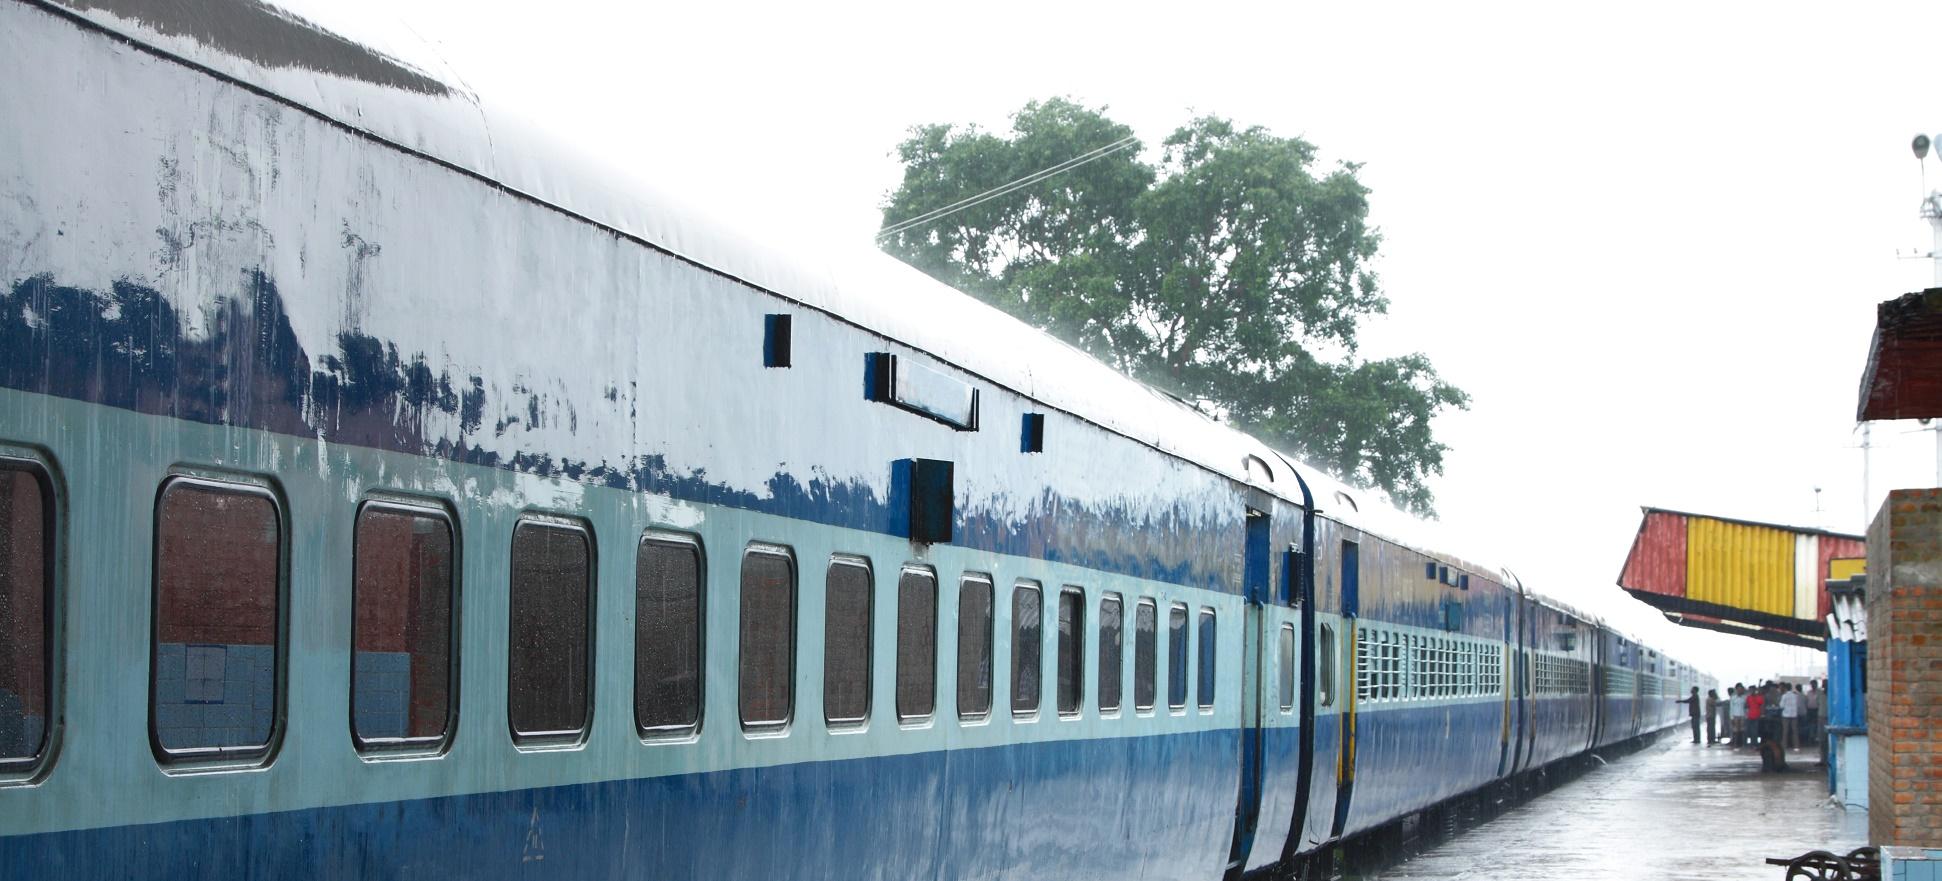 Paneles solares en el techo de los trenes: a prueba en India